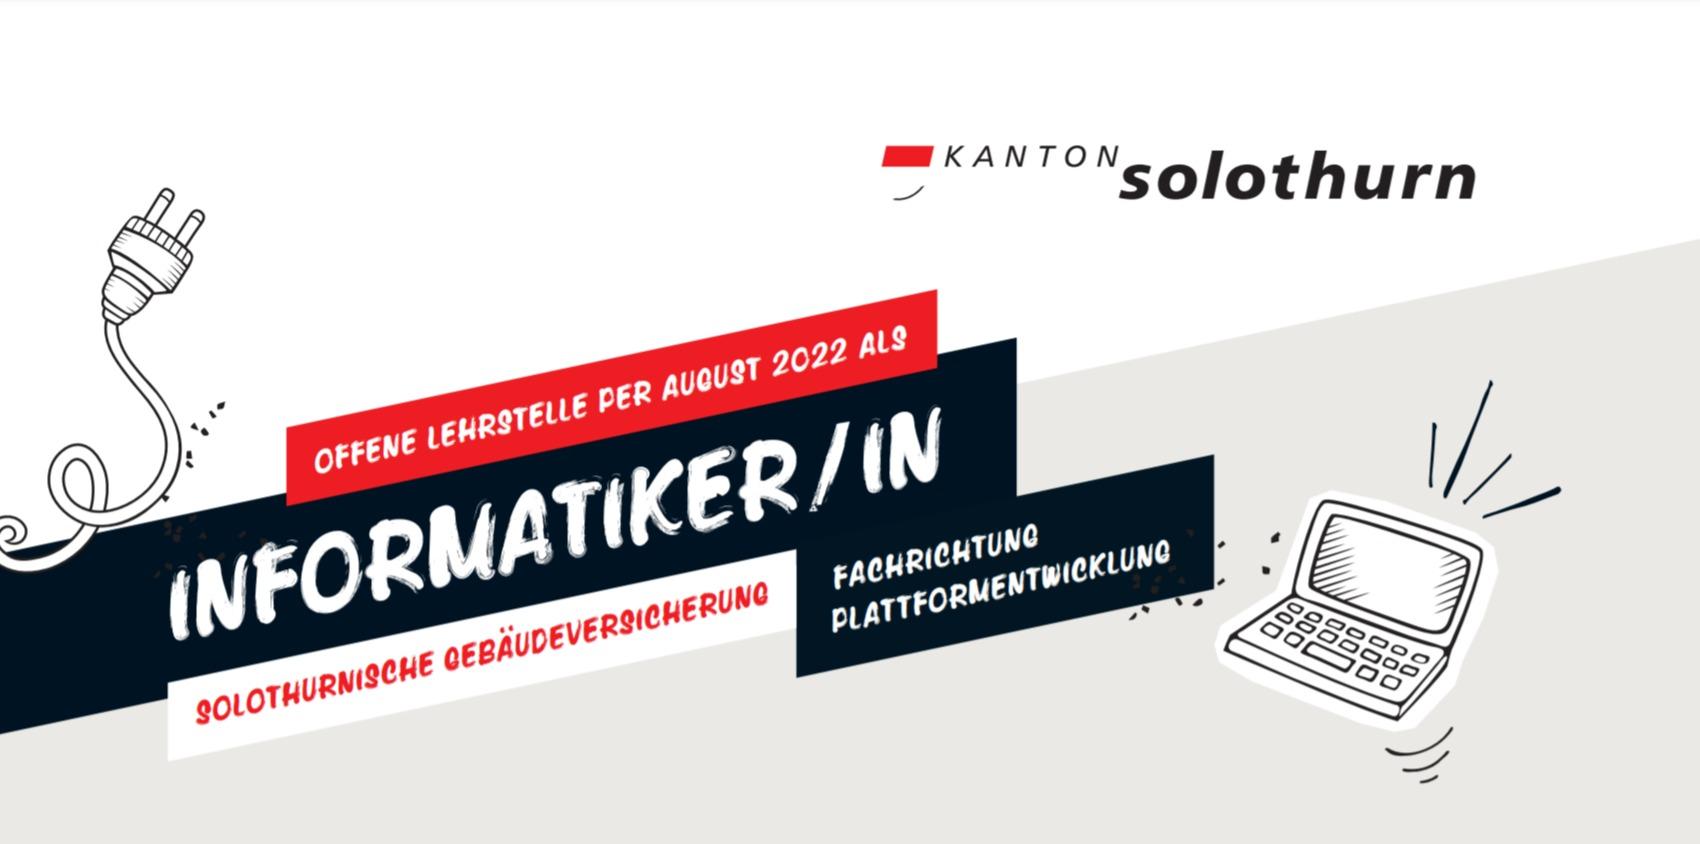 Arbeiten bei lehrstelle als informatiker in solothurnische gebaeudeversicherung fe1043